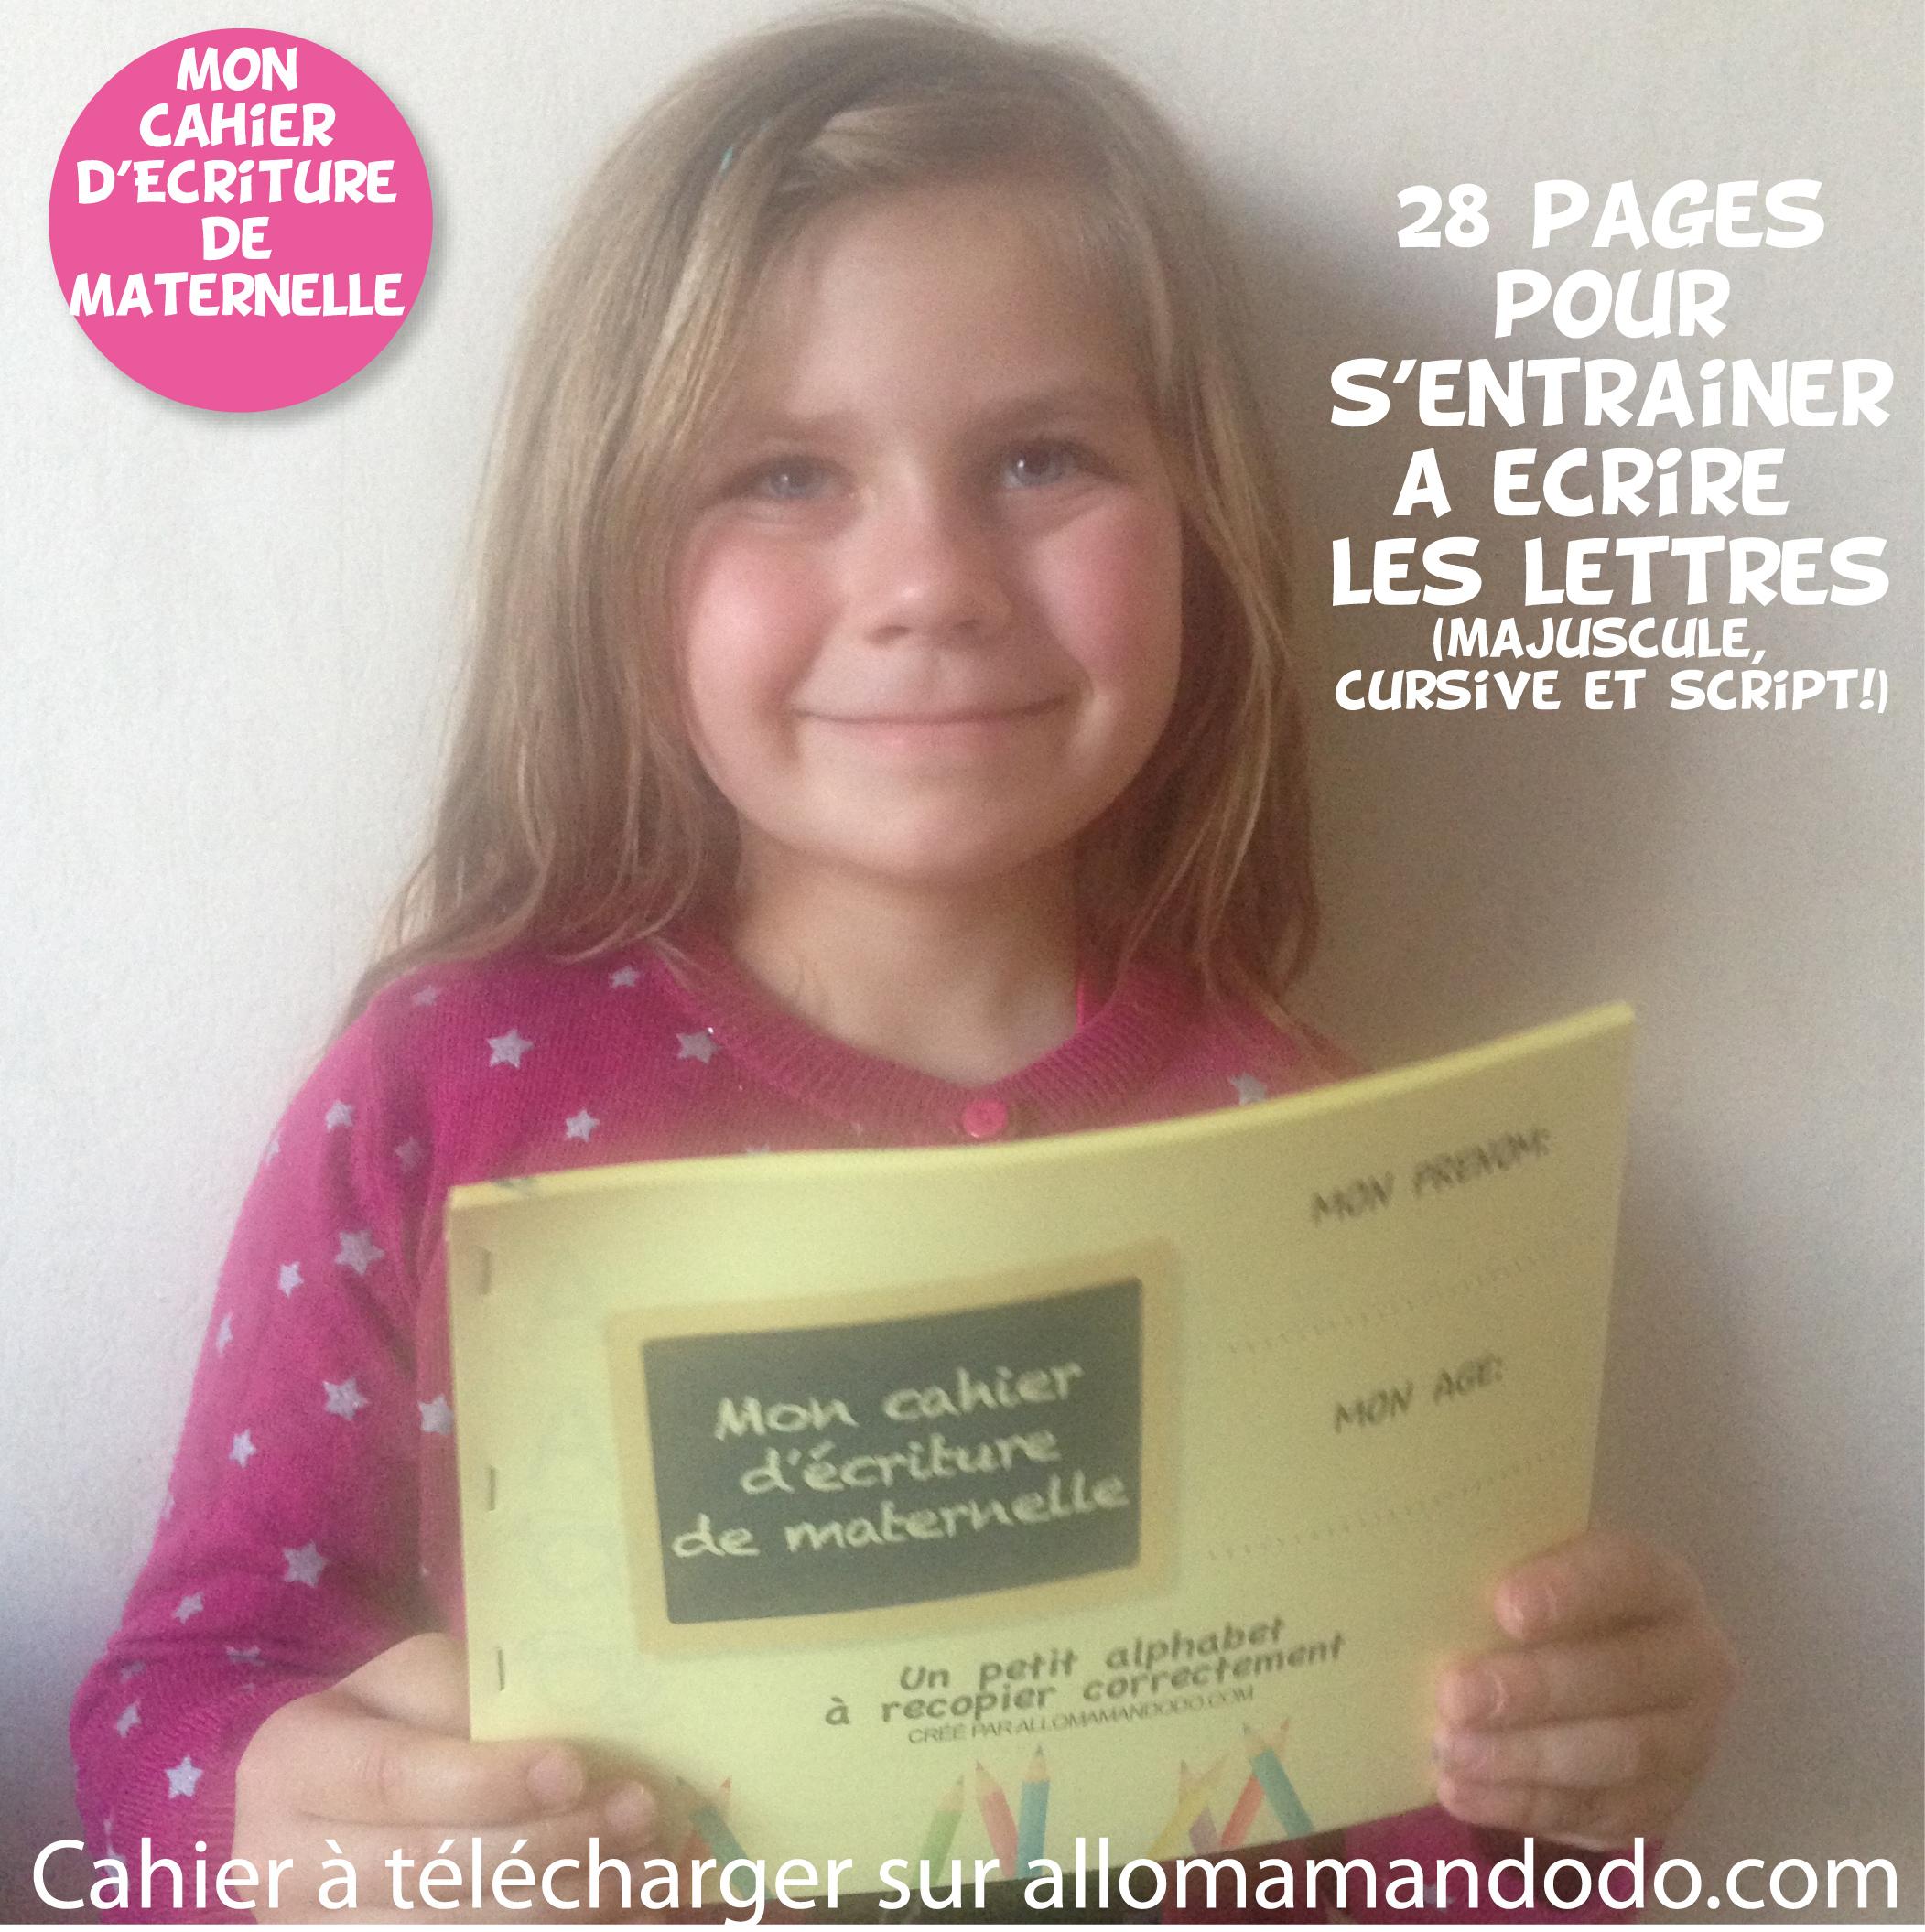 Le Cahier D'écriture De Maternelle À Télécharger ( Gratuit encequiconcerne Cahier D Écriture Maternelle